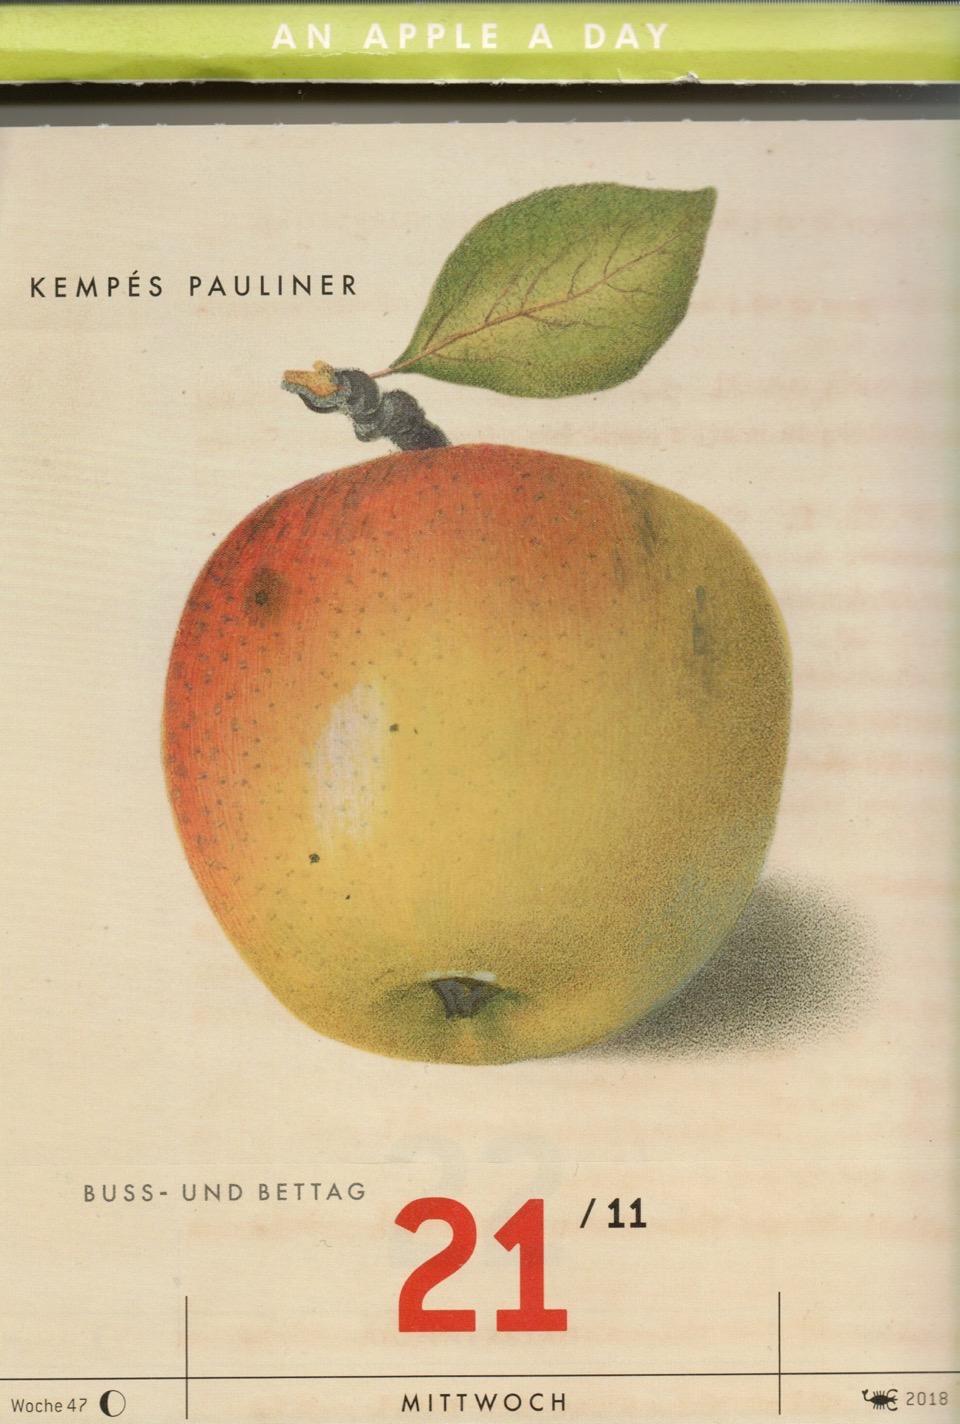 Kalenderblatt mit einer historischen Abbildung eines gelblich-rötlichen Apfels